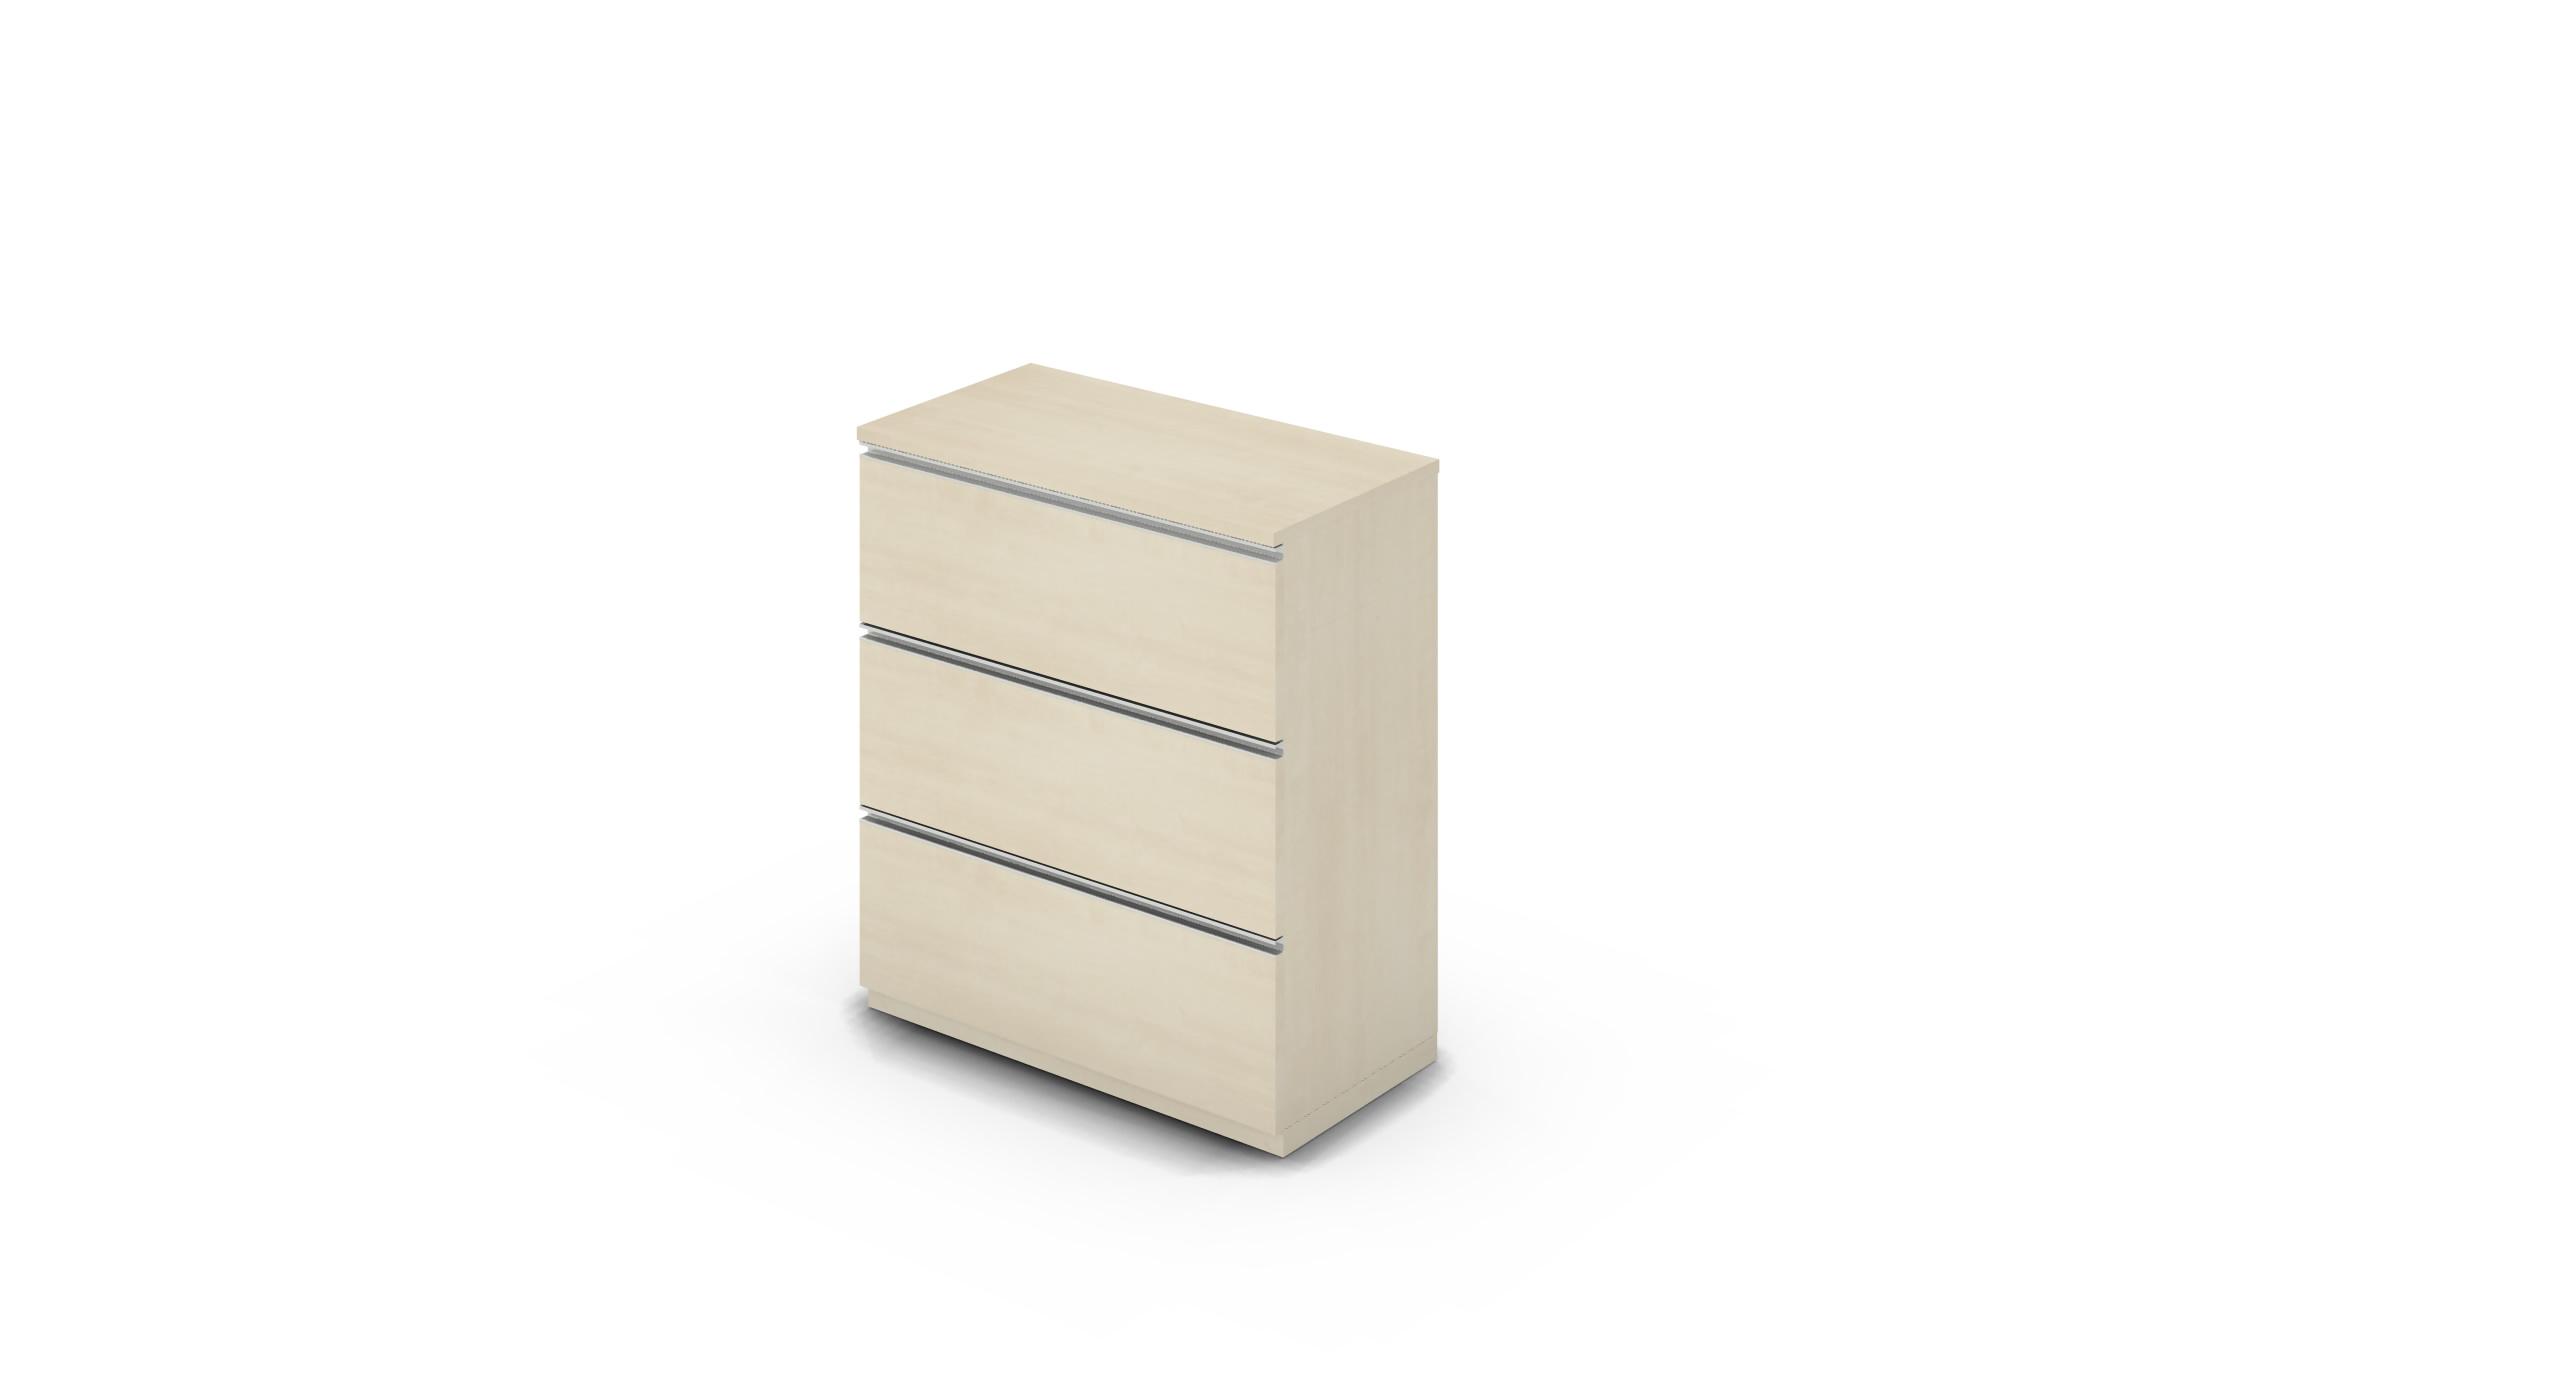 Cabinet_900x450x1125_DR_Maple_Rail_NoCylinder